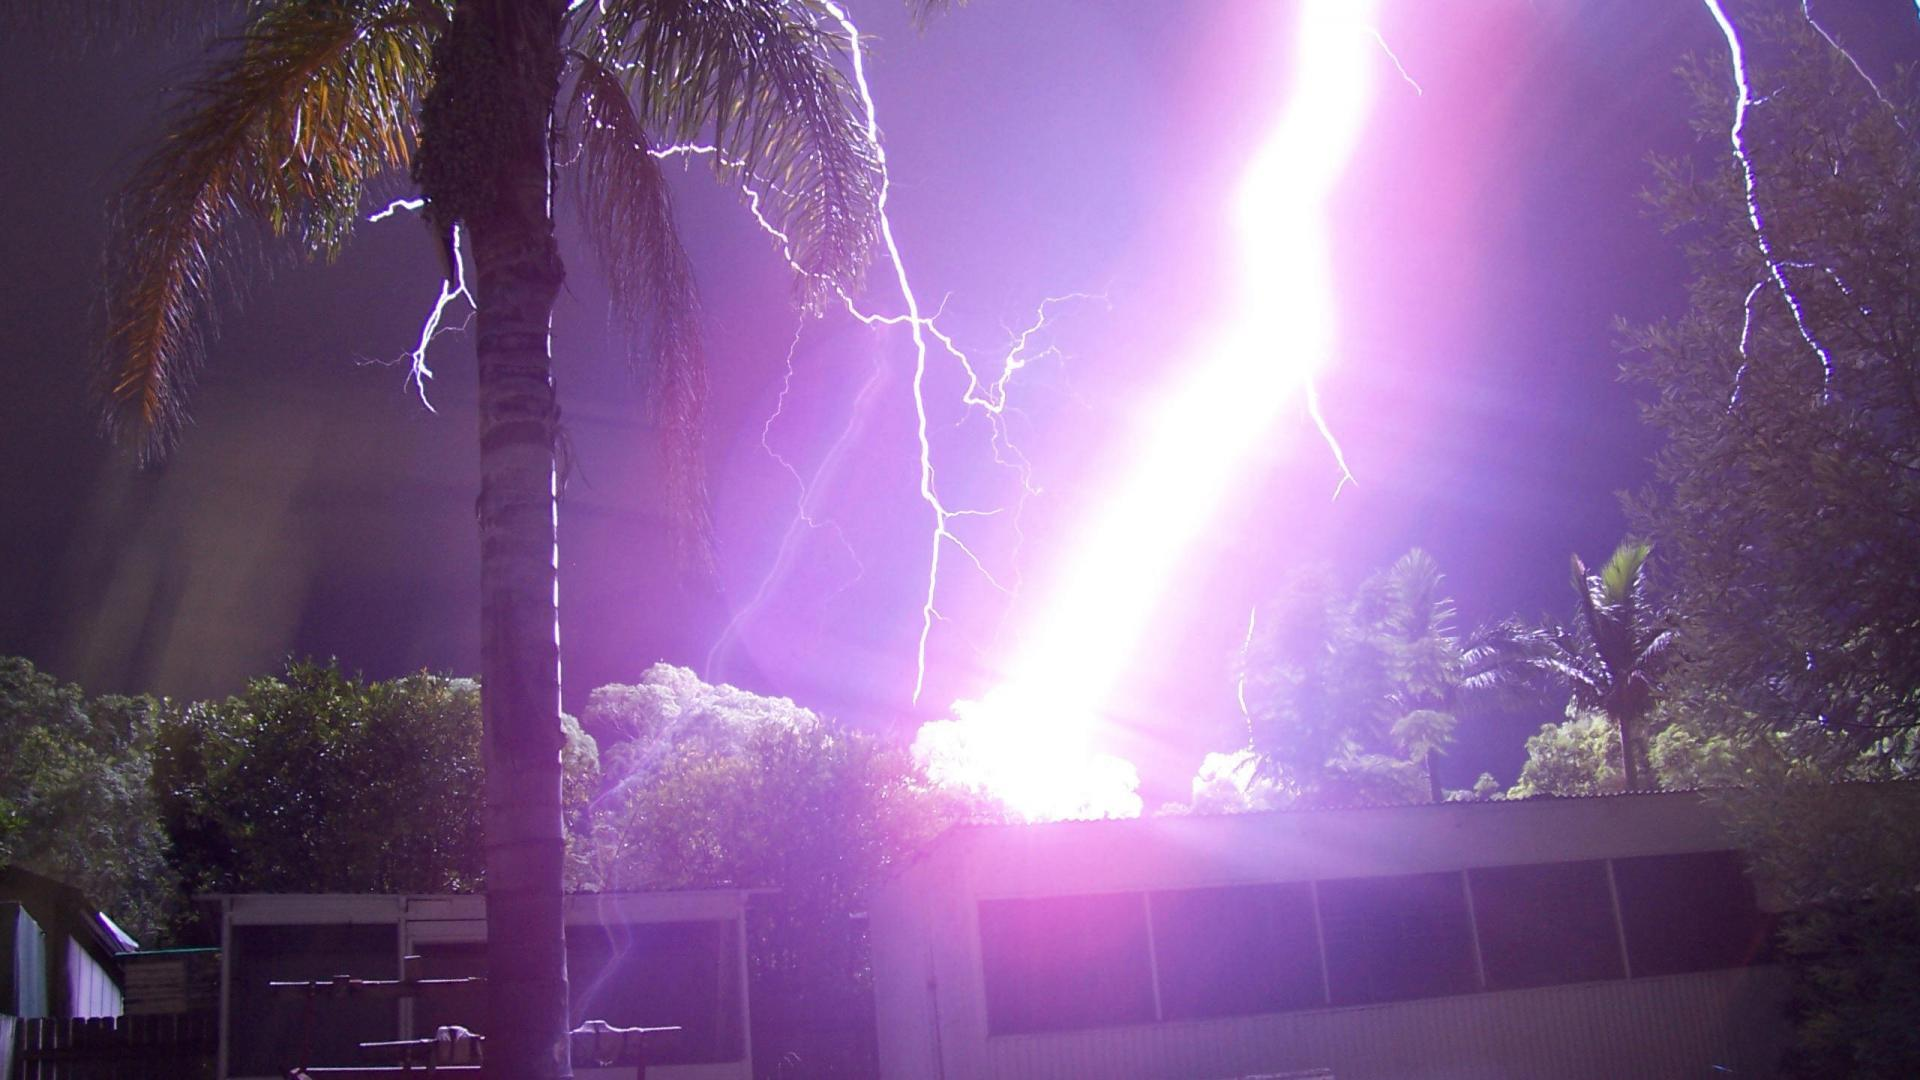 lightning strike wallpaper - photo #19